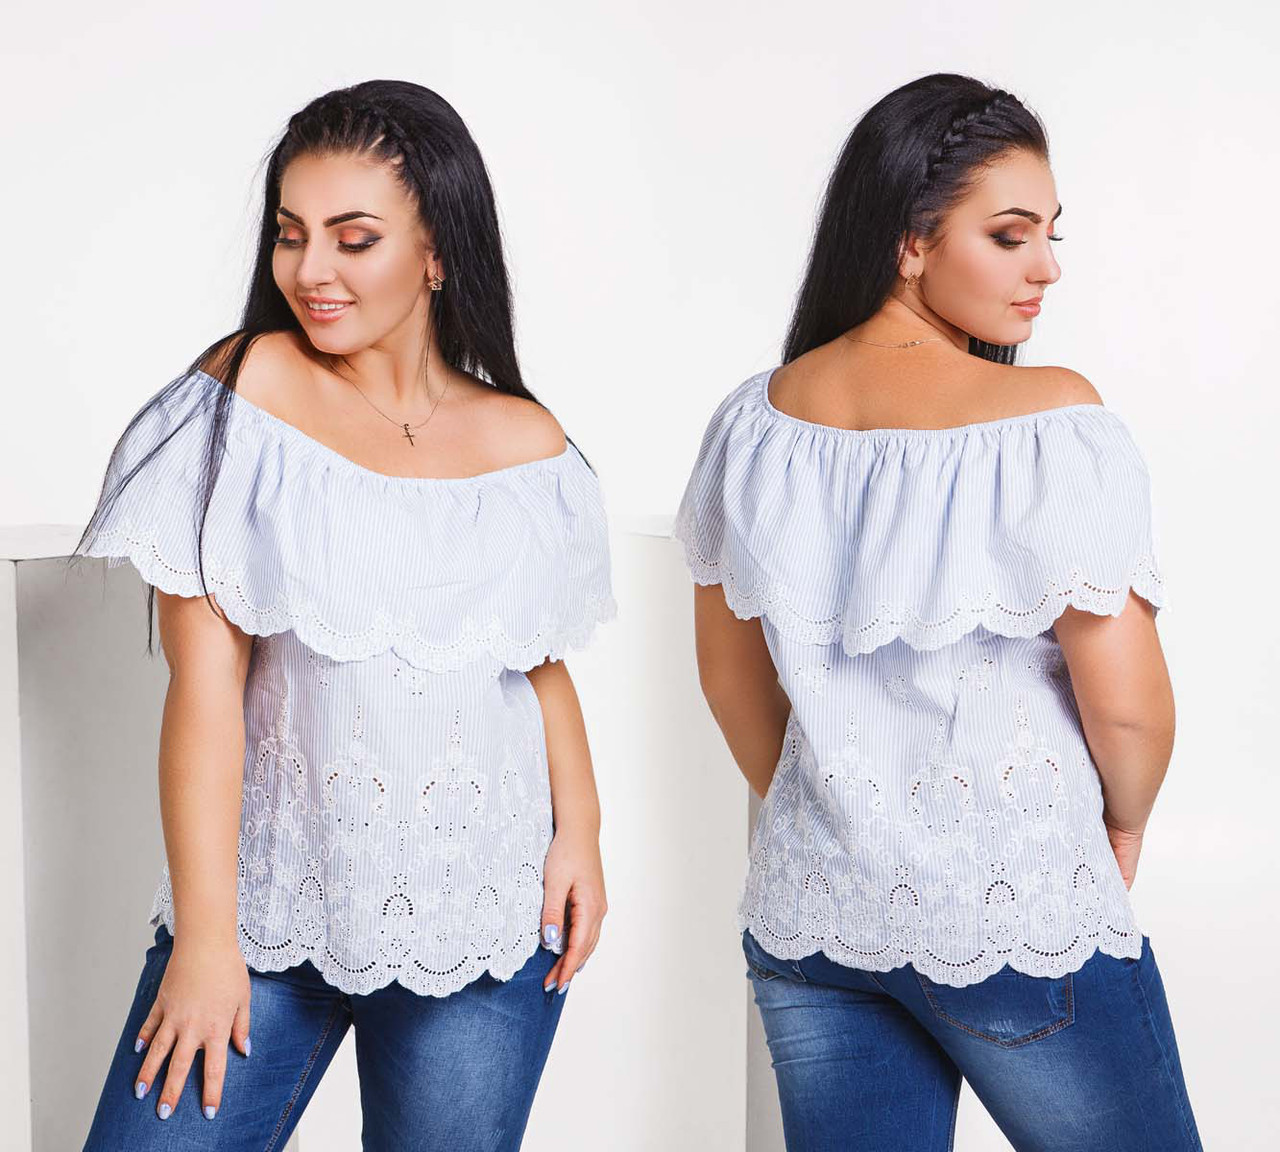 """Летняя женская свободная блузка в больших размерах 1567-1 """"Коттон Полоска Волан Вышивка Купон"""""""